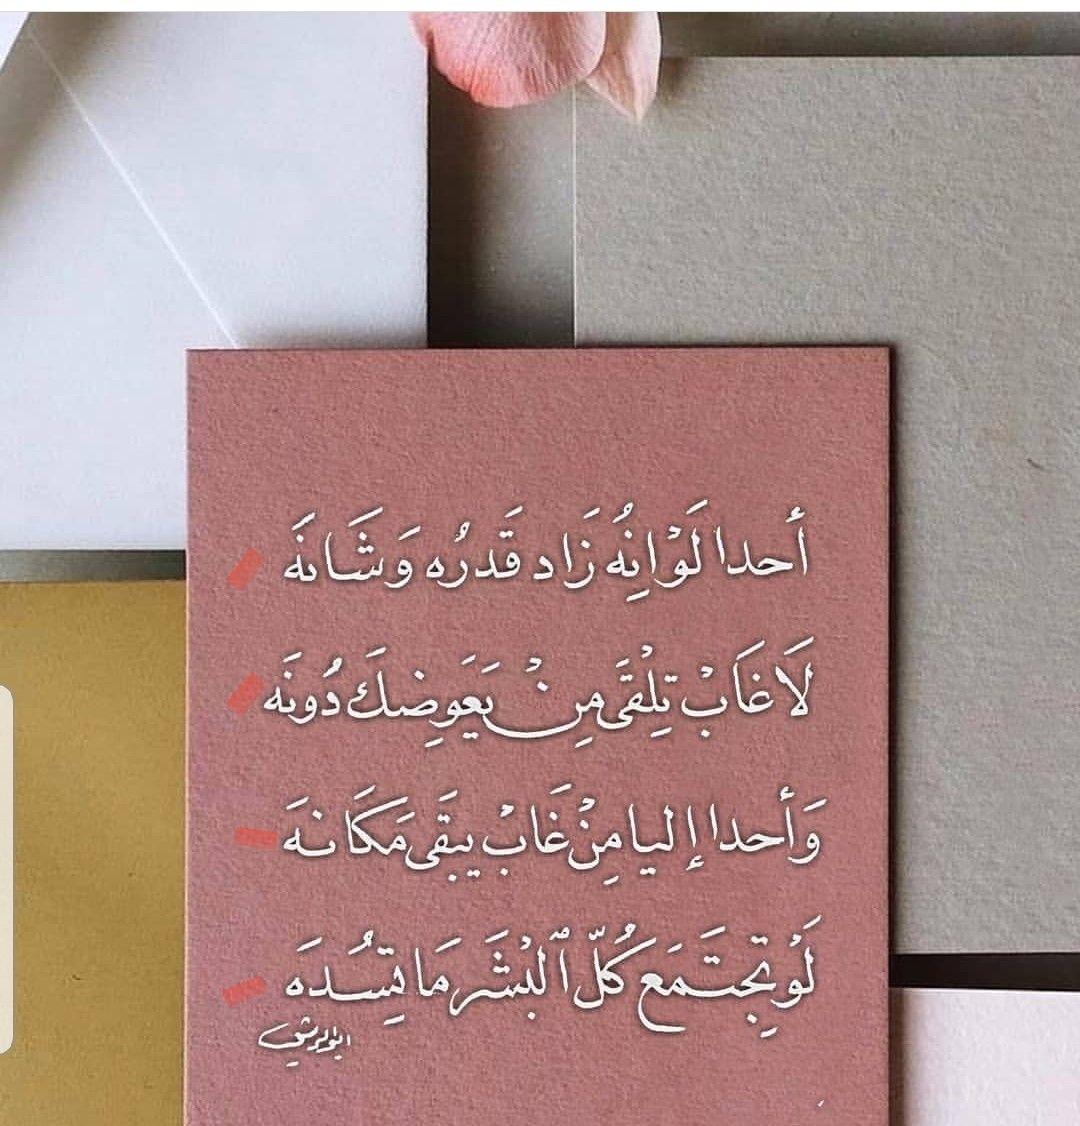 منى الشامسي Book Cover Thankful Dedication